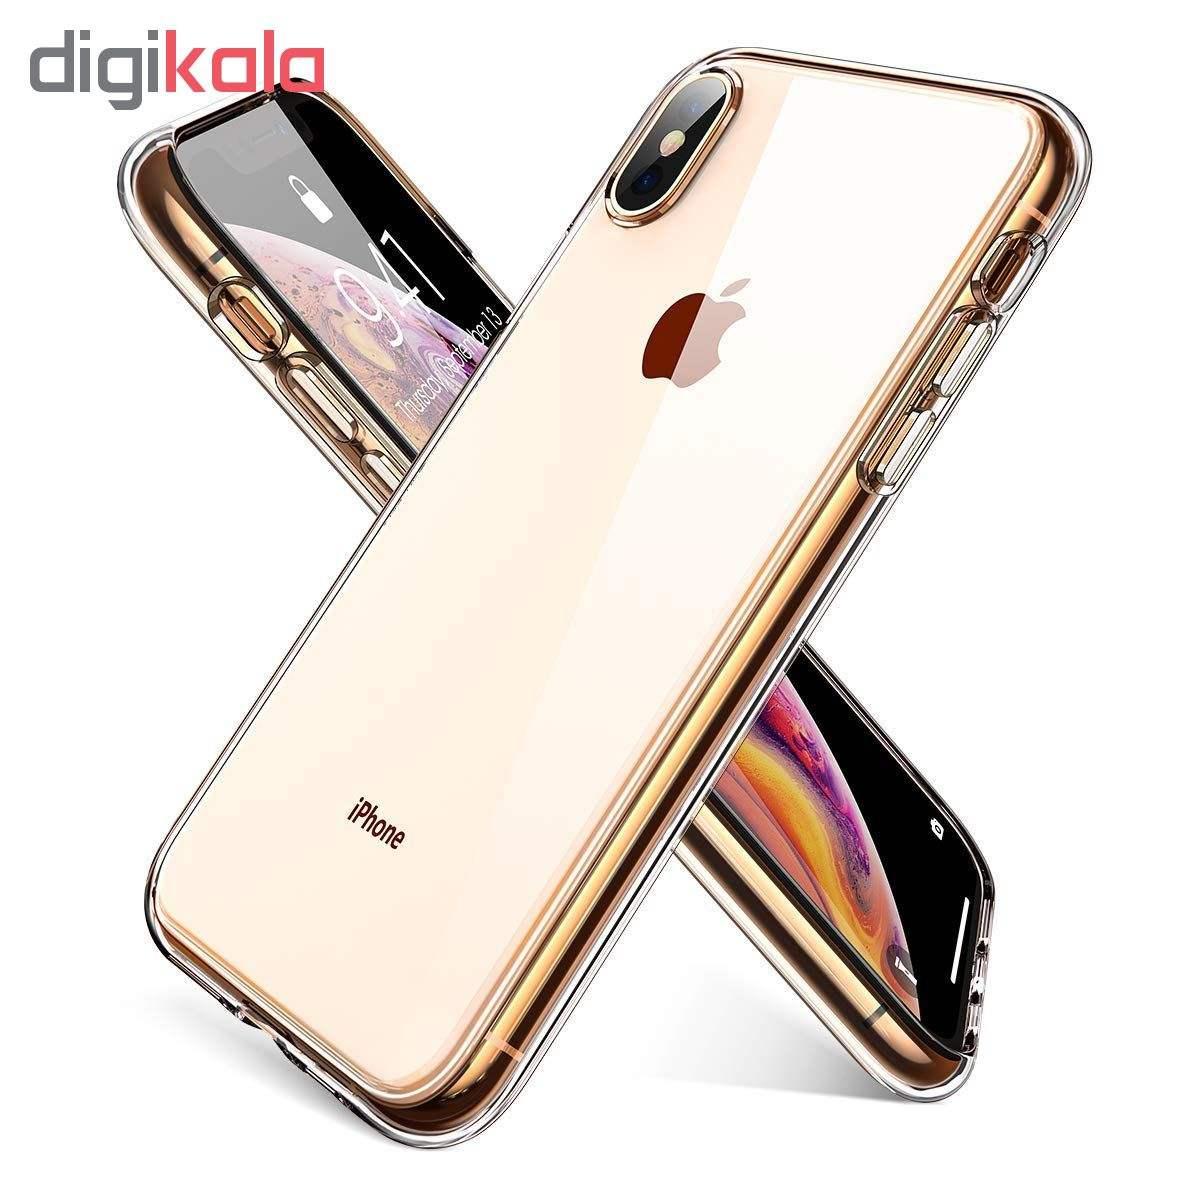 کاور آی دوژی مدل Electroplate Pc مناسب برای اپل iPhone X/XS main 1 1